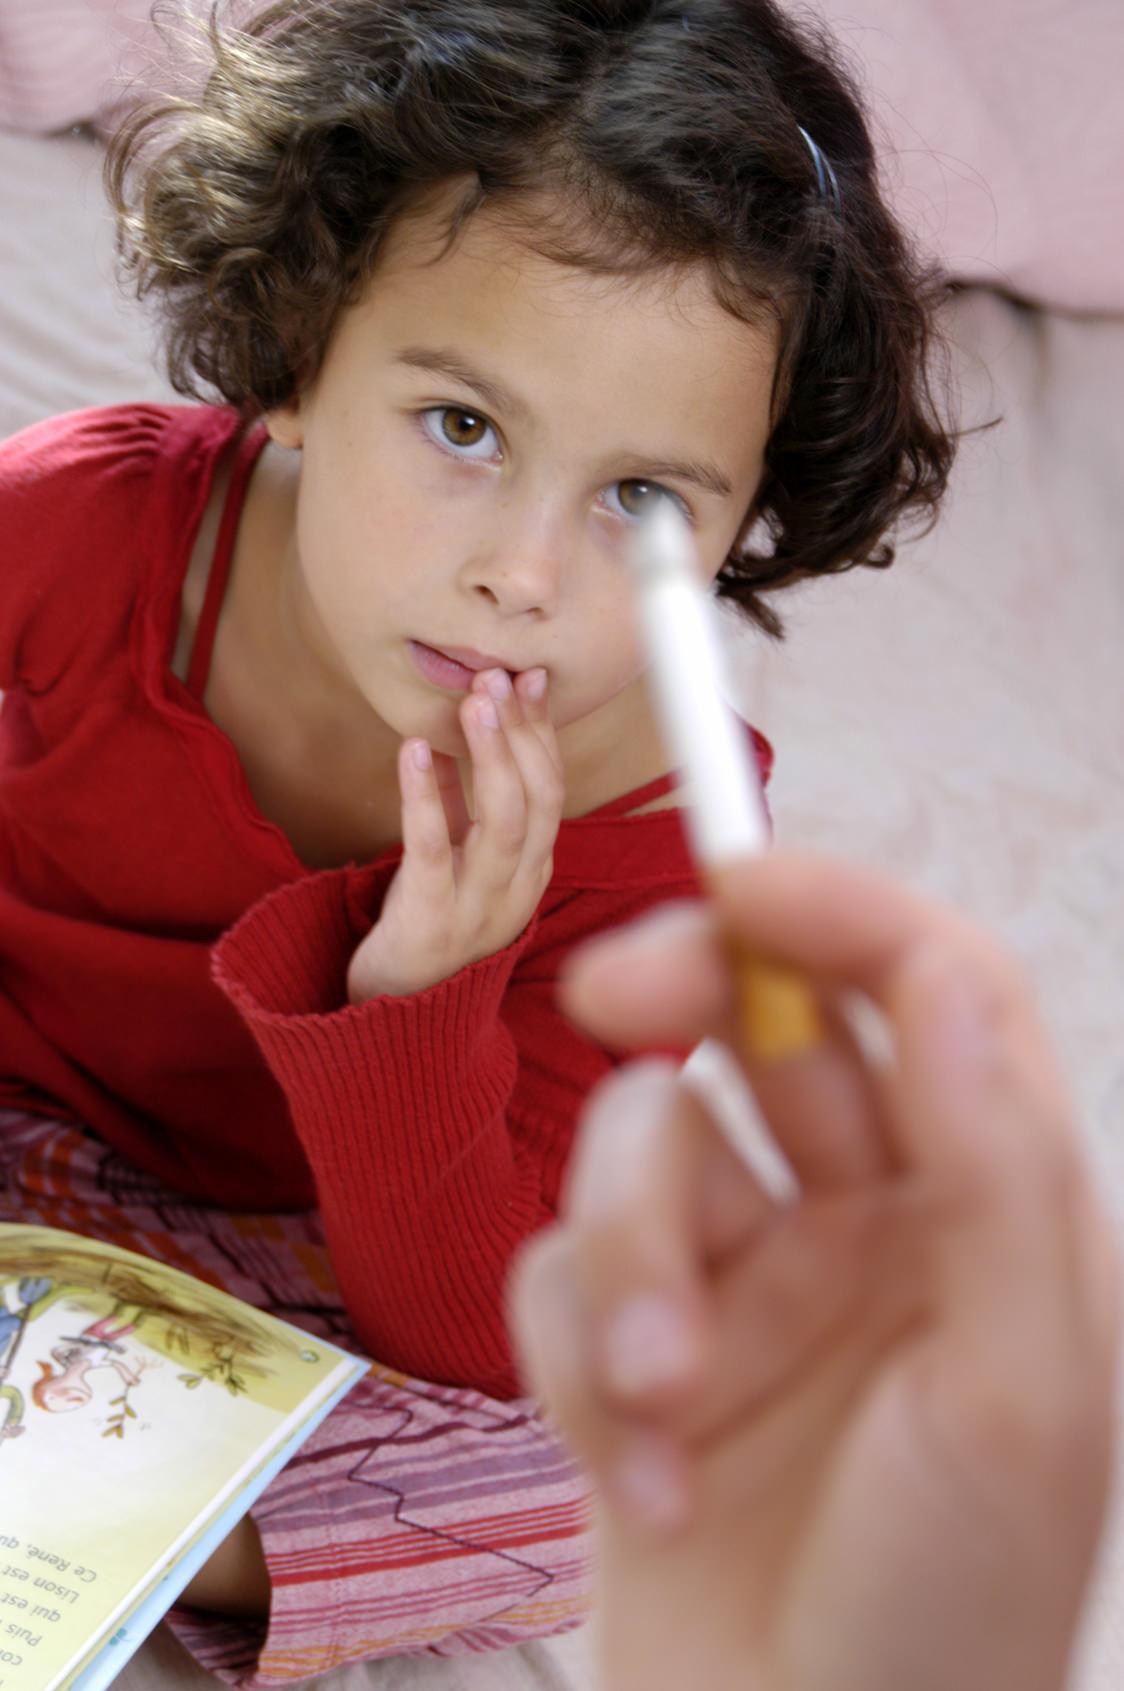 Le tabagisme passif fait grossir les enfants